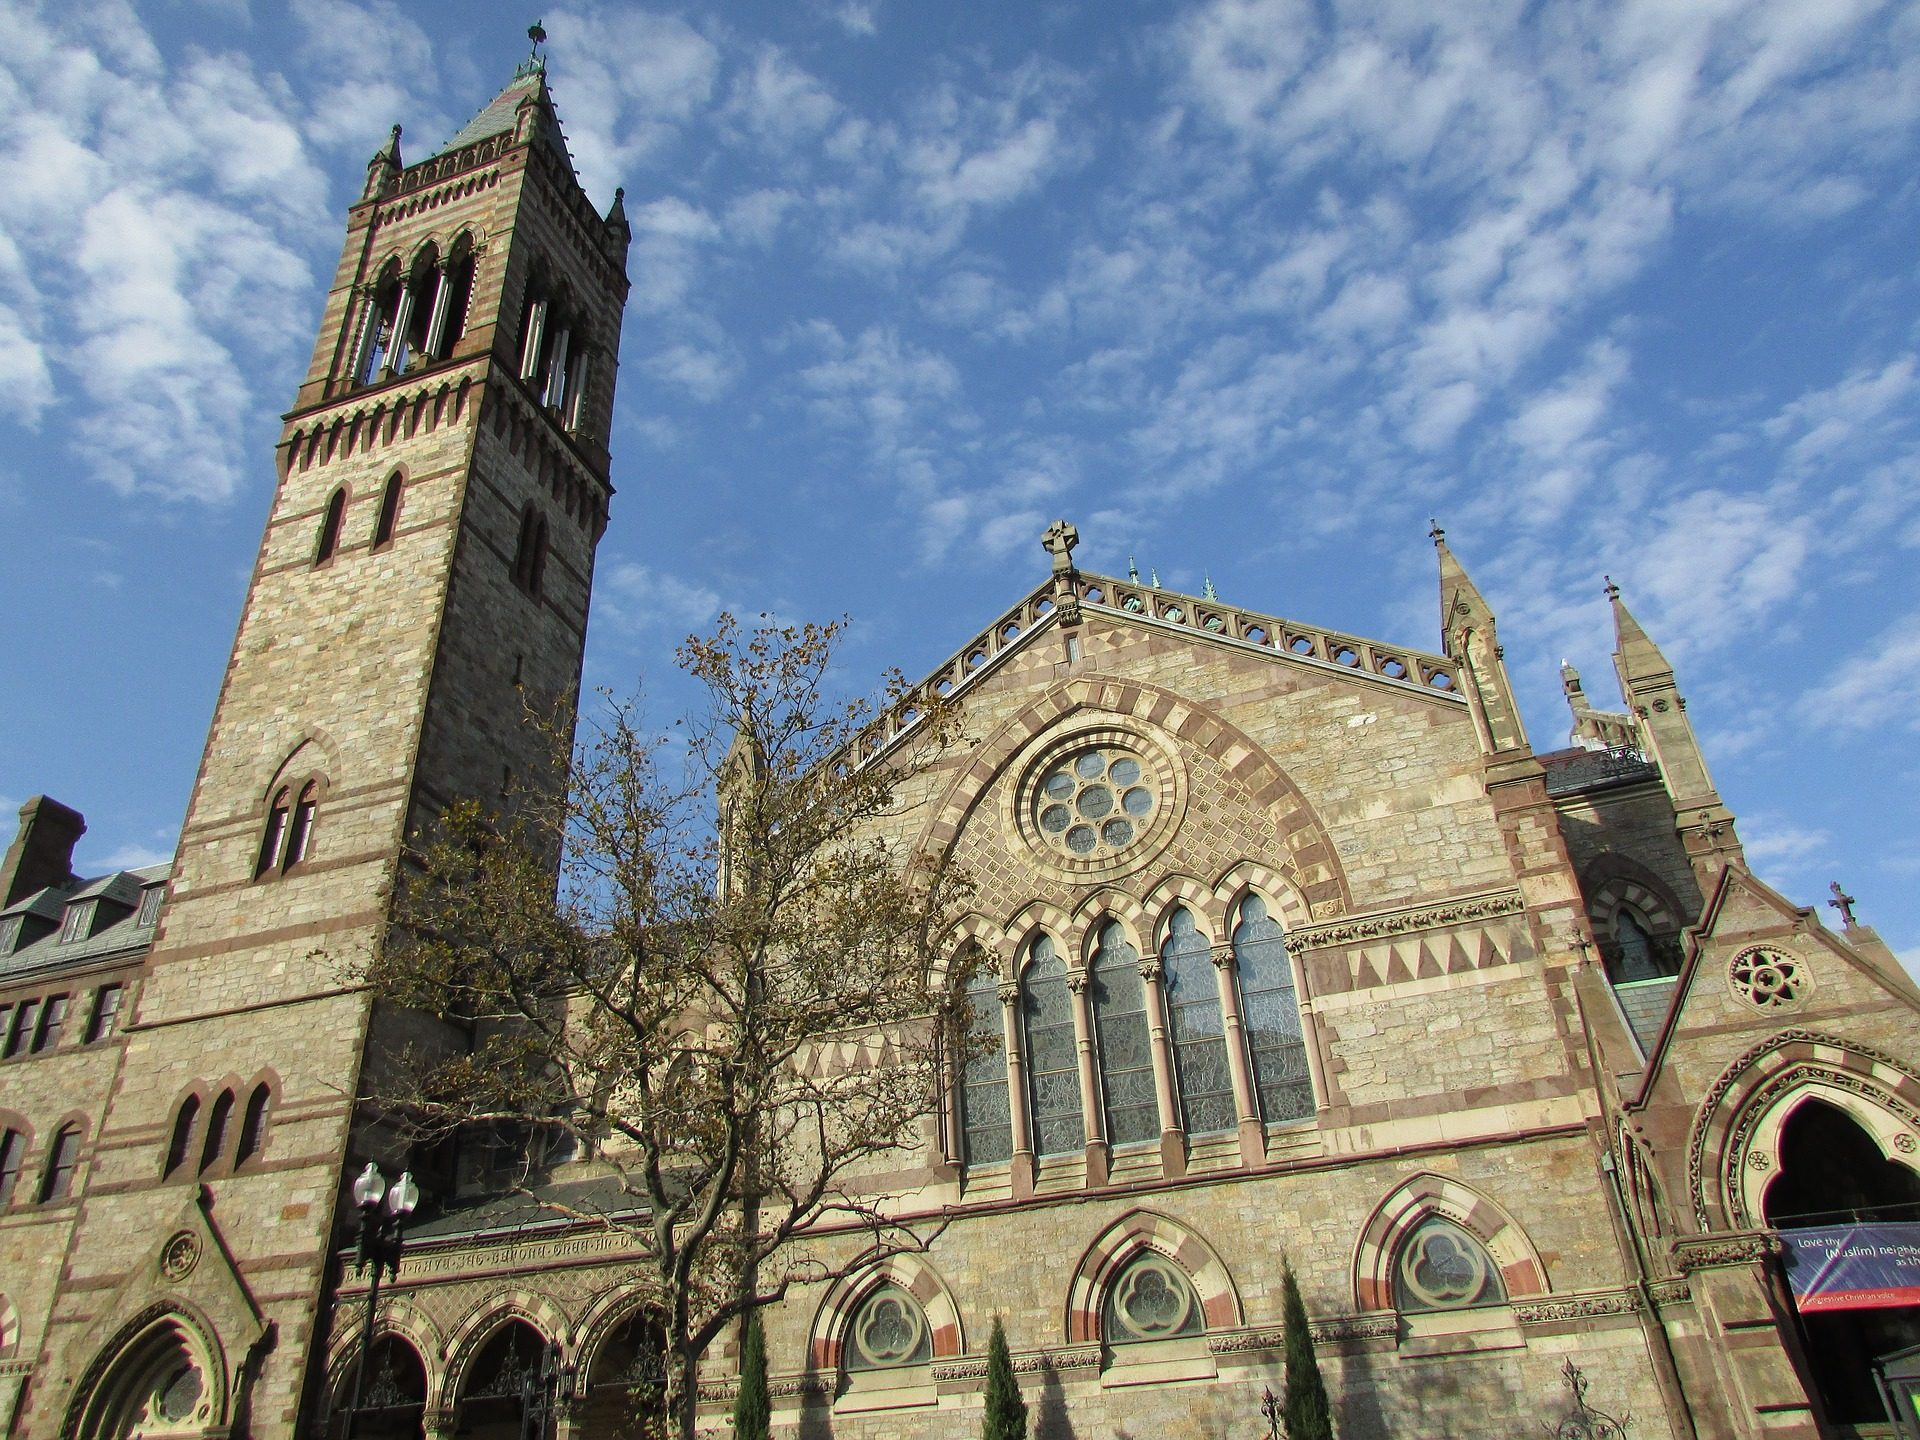 Église, Cathédrale, bâtiment, architecture, vieux, religion - Fonds d'écran HD - Professor-falken.com